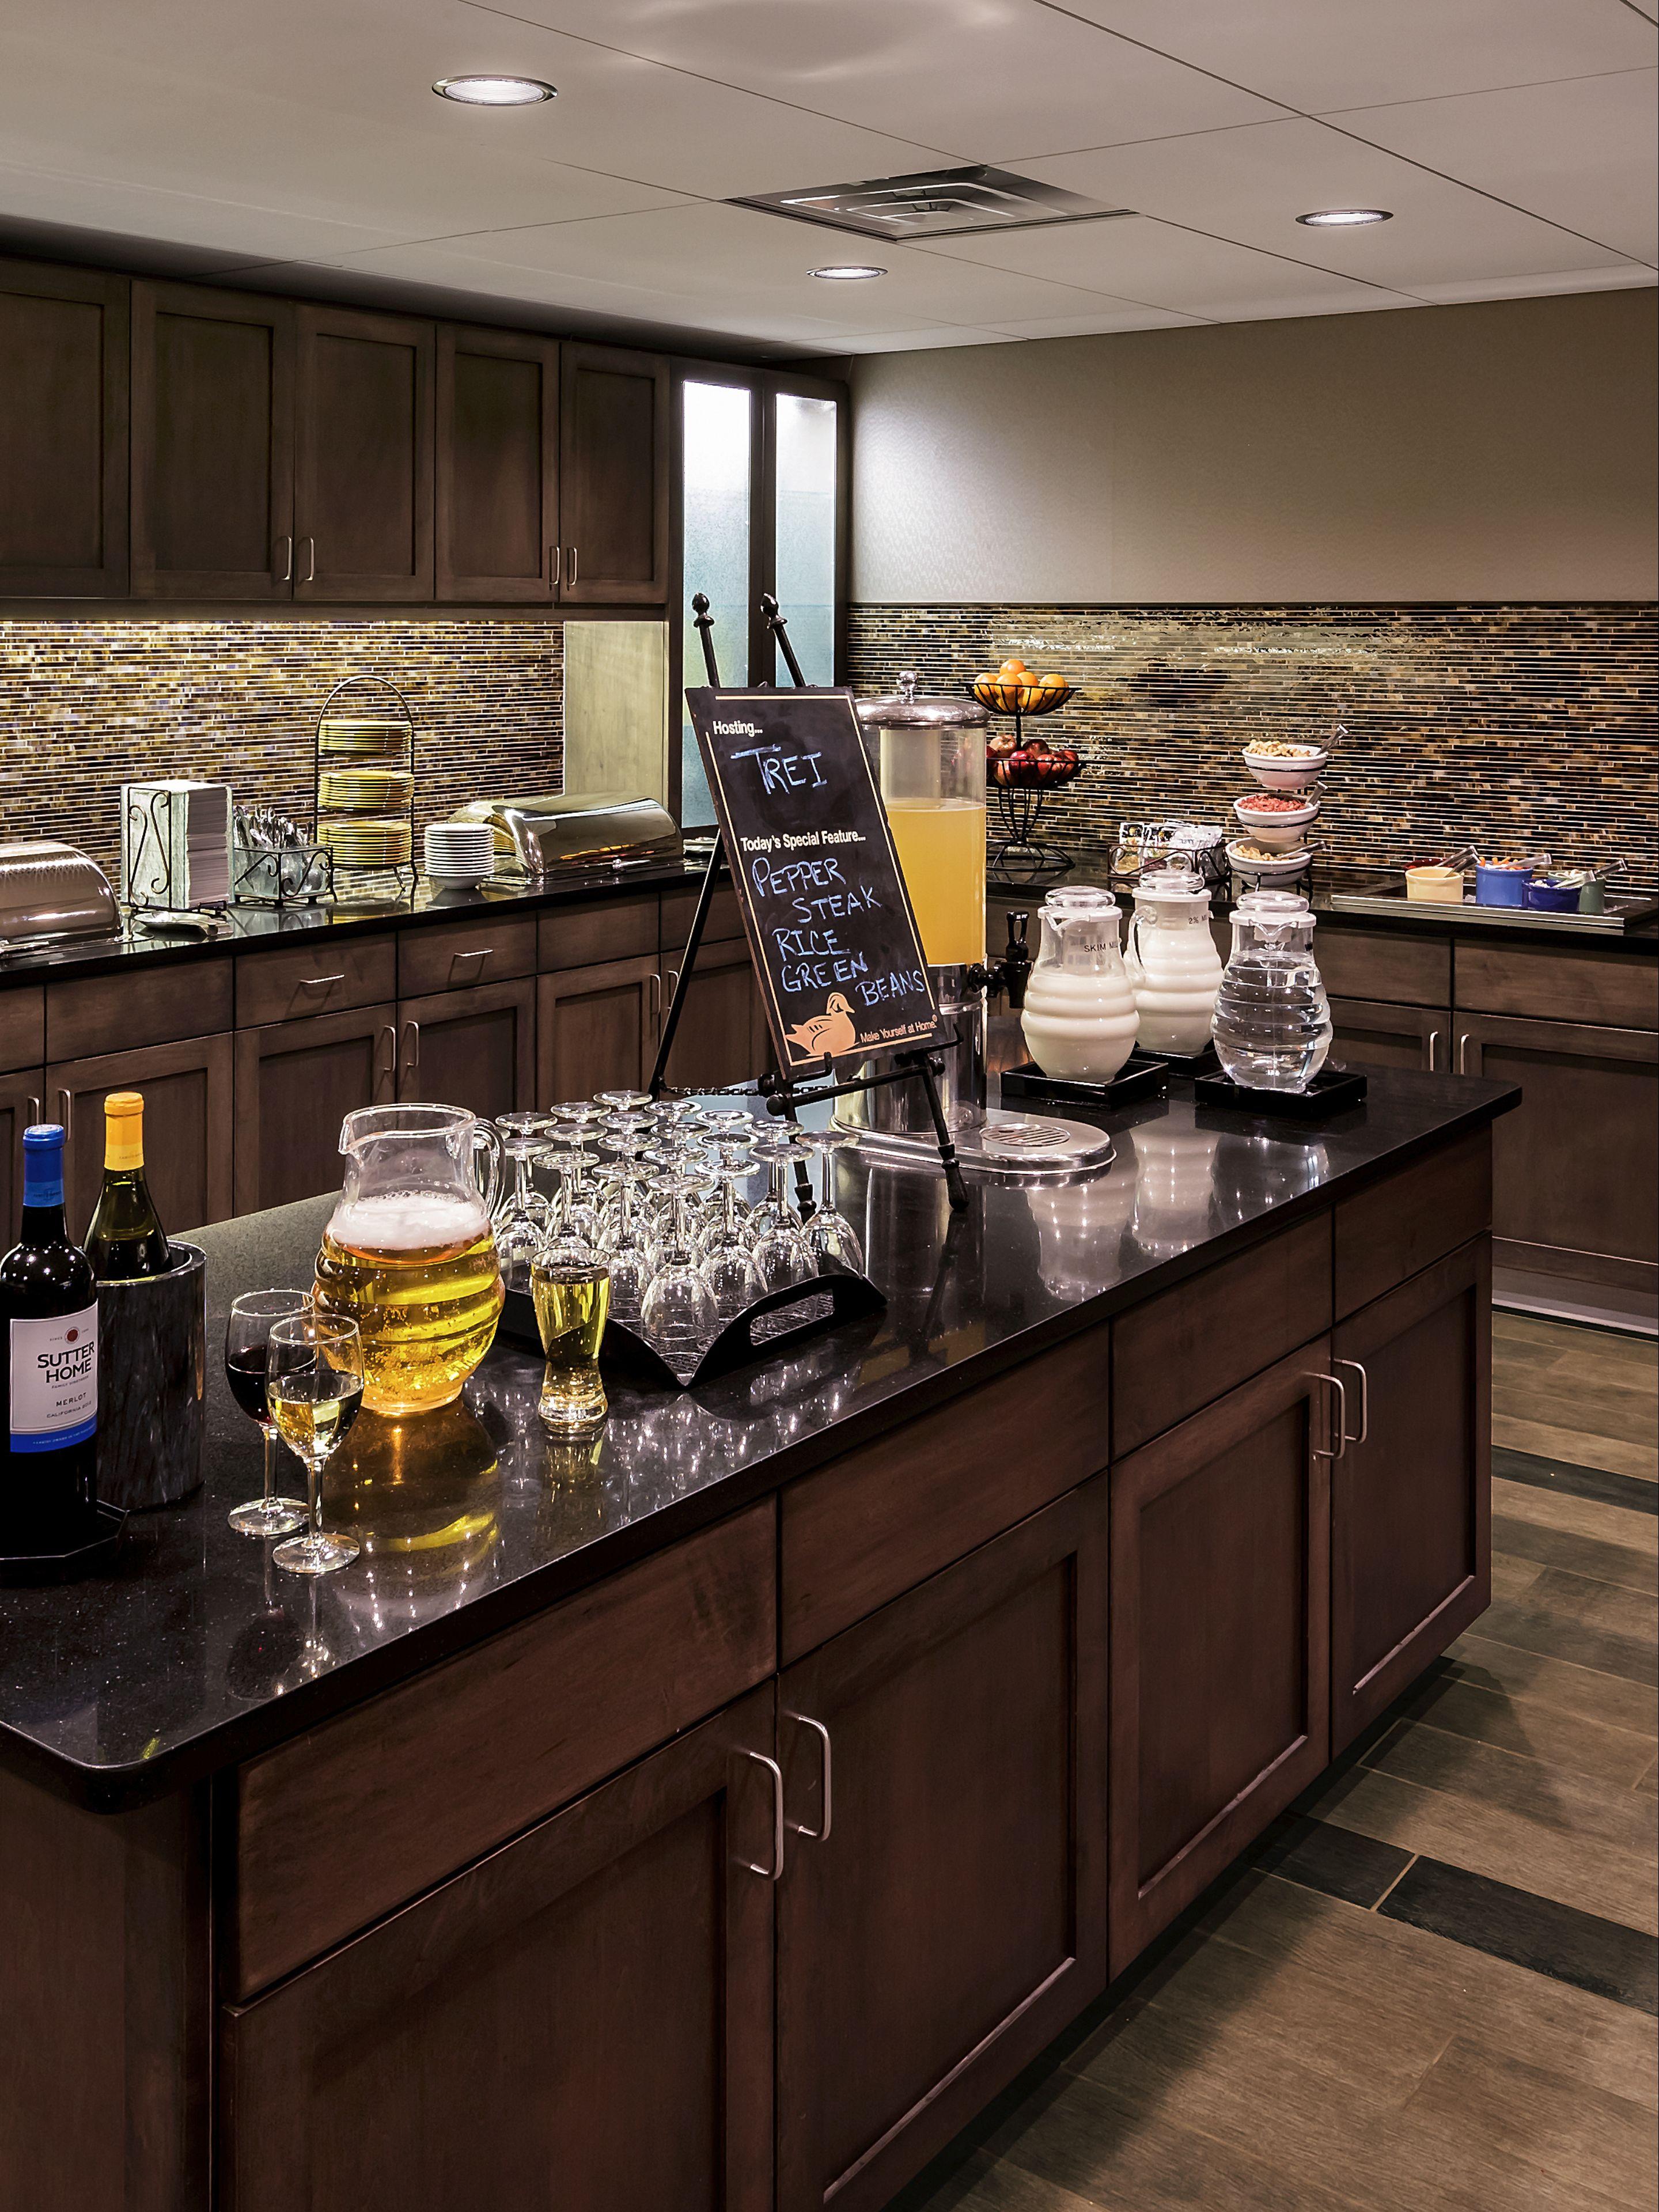 Homewood suites by hilton buffalo airport cheektowaga new for K kitchen company cheektowaga ny